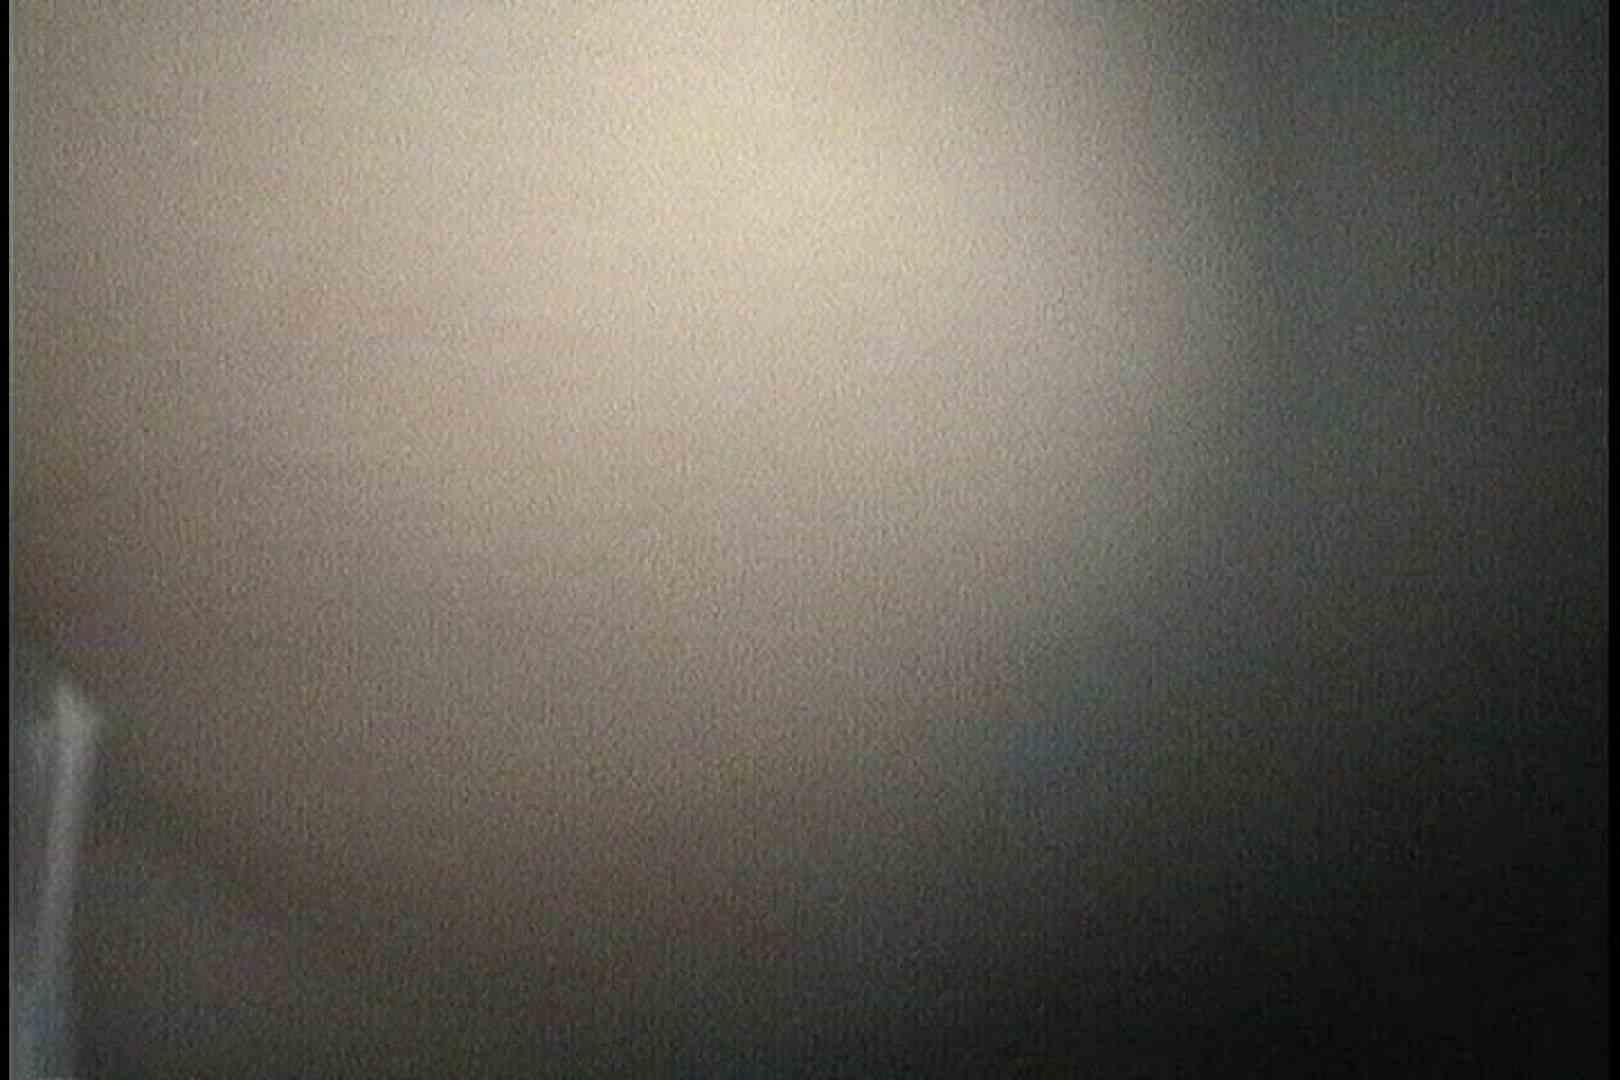 無料アダルト動画:No.72 まんこから飛び出す具を前後から!!:怪盗ジョーカー